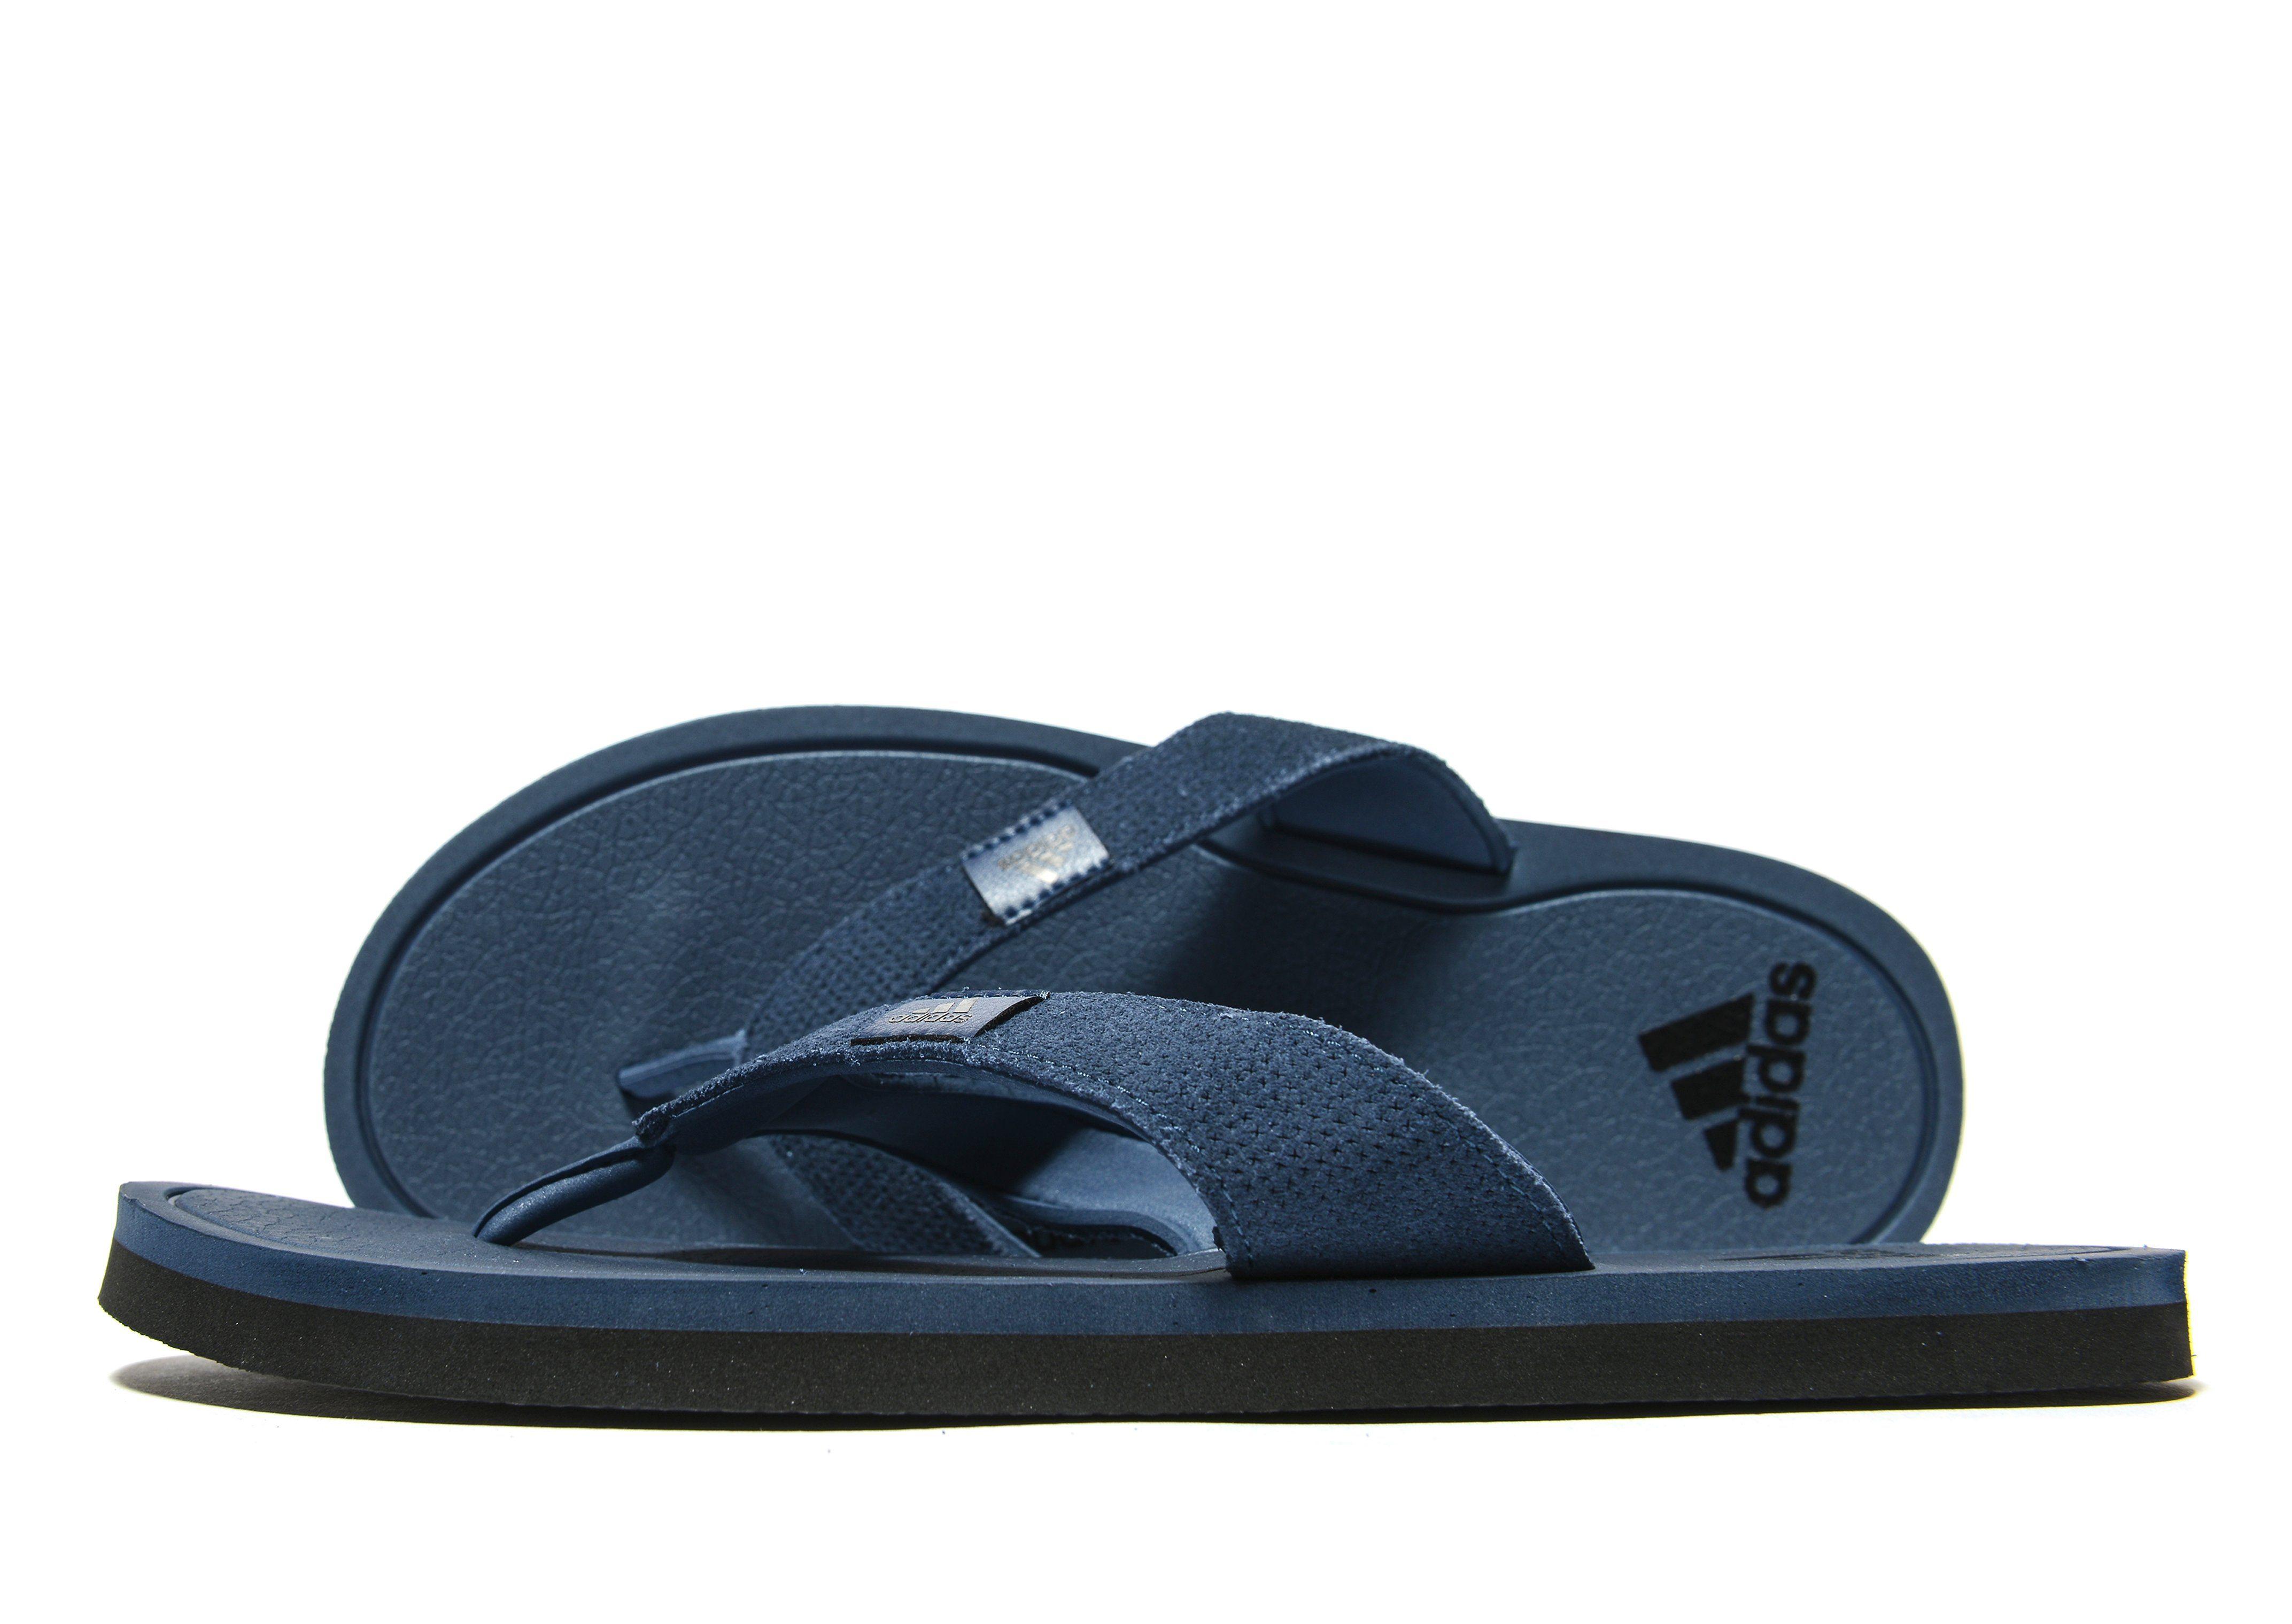 b31ba7886426d7 adidas Litha Flip Flops